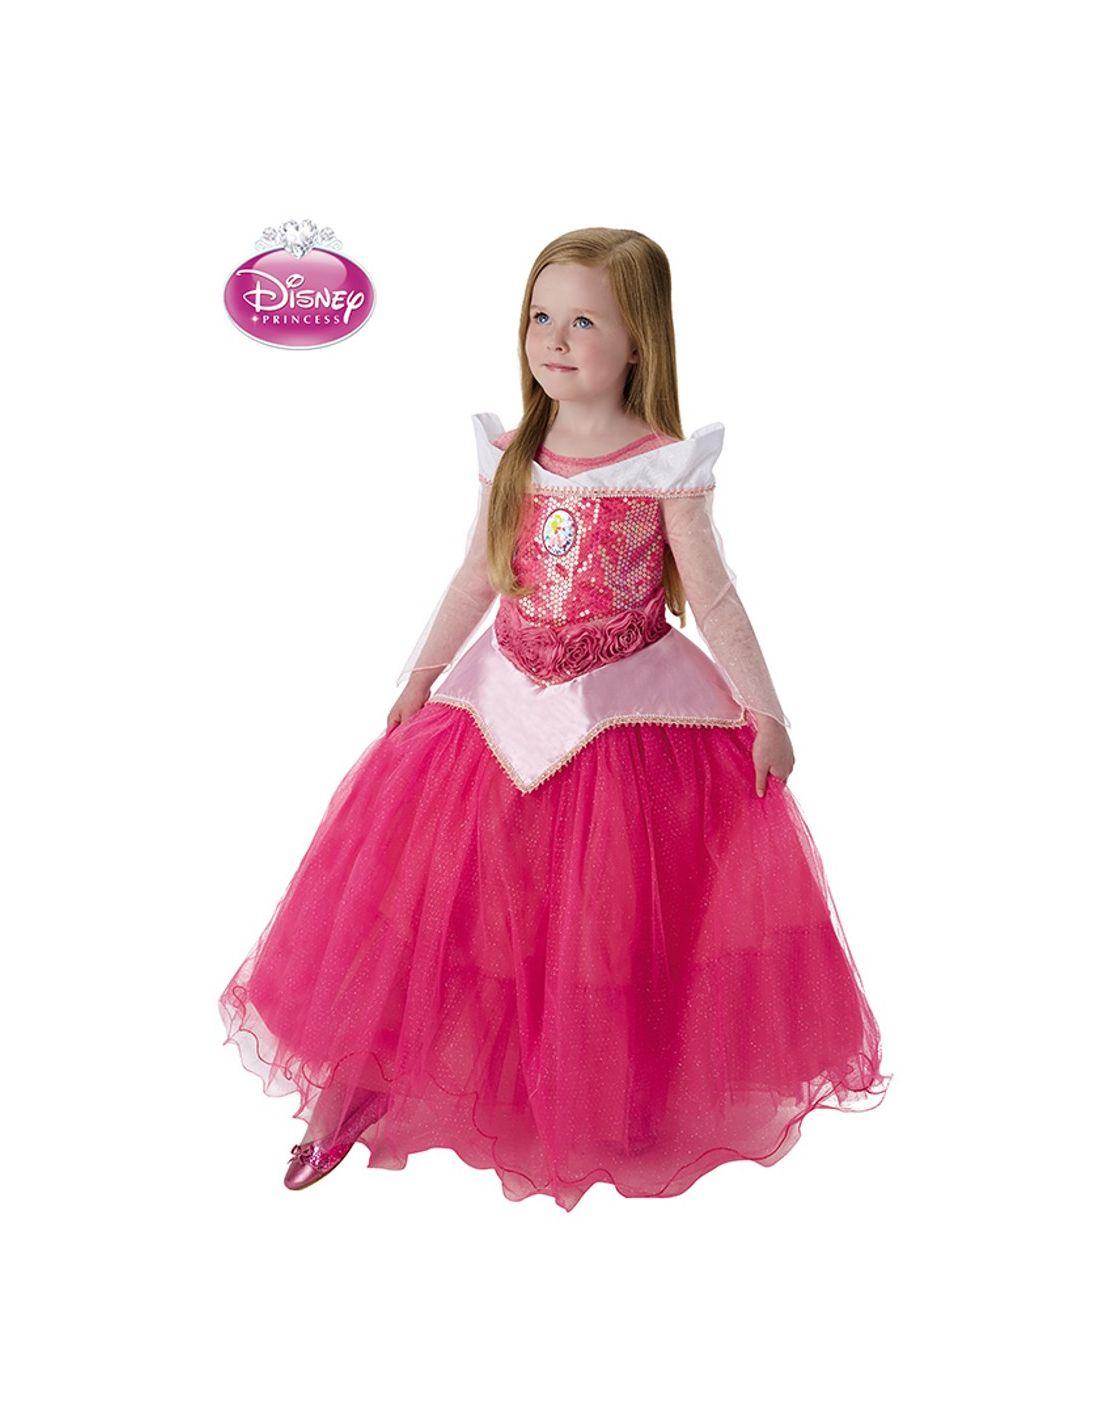 81af797ca Disfraz Bella Durmiente Premium de Disney niña